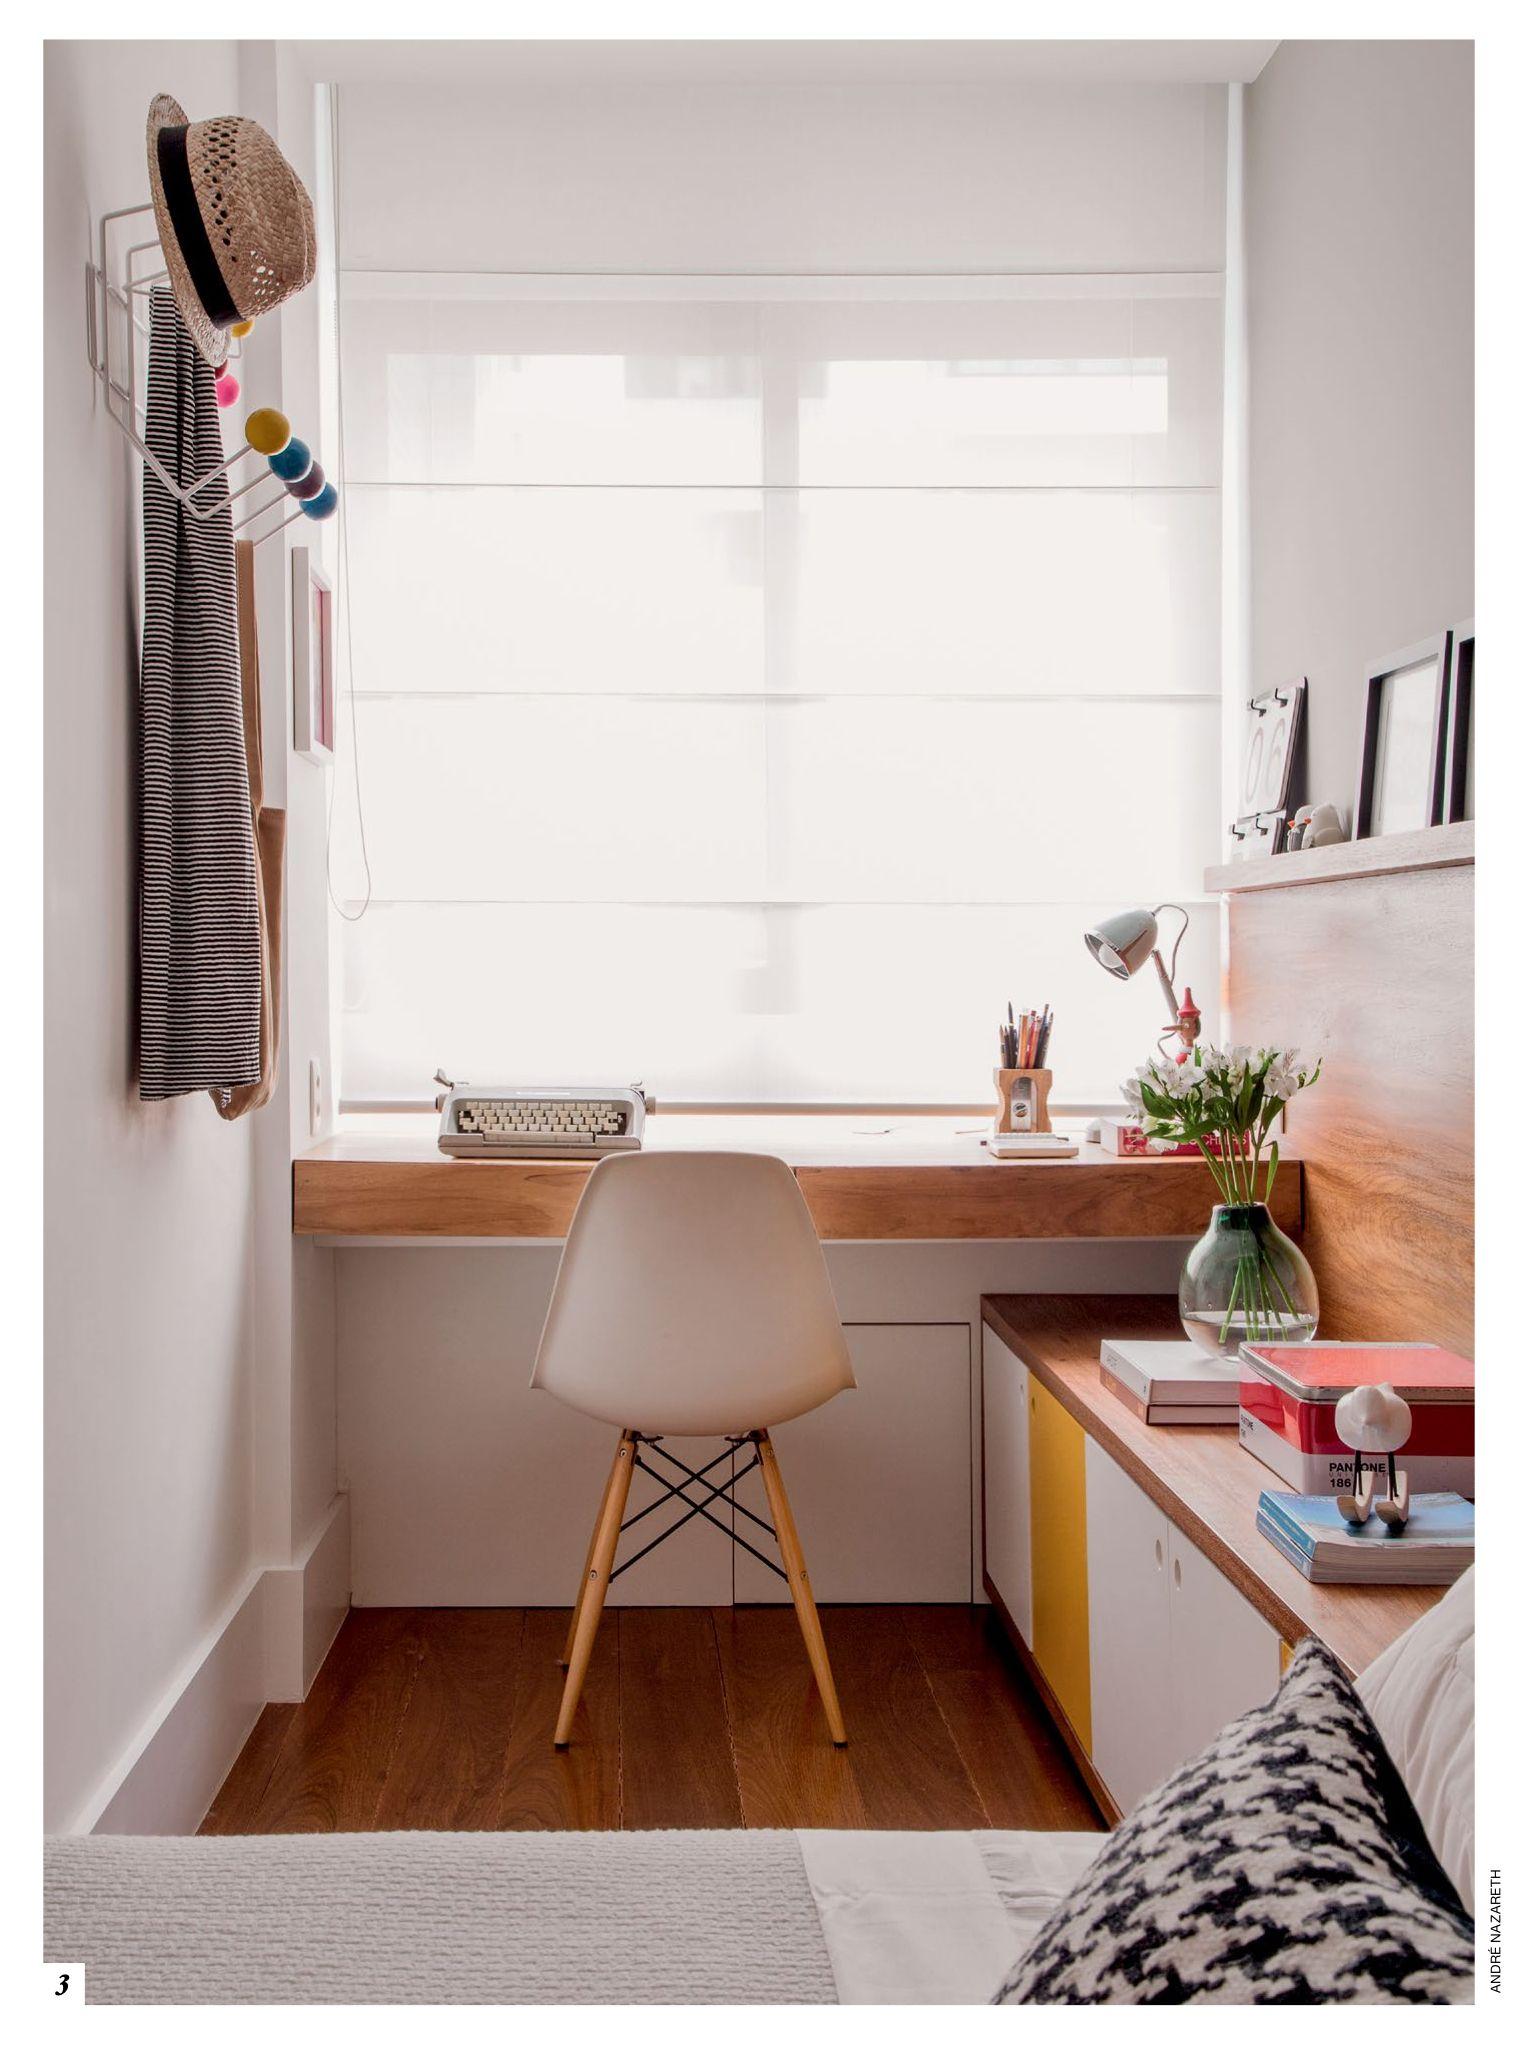 Muy Bonito El Despacho La Mesa El Mueble Cajonera Y La Estanter A  # Muebles Muy Bonitos